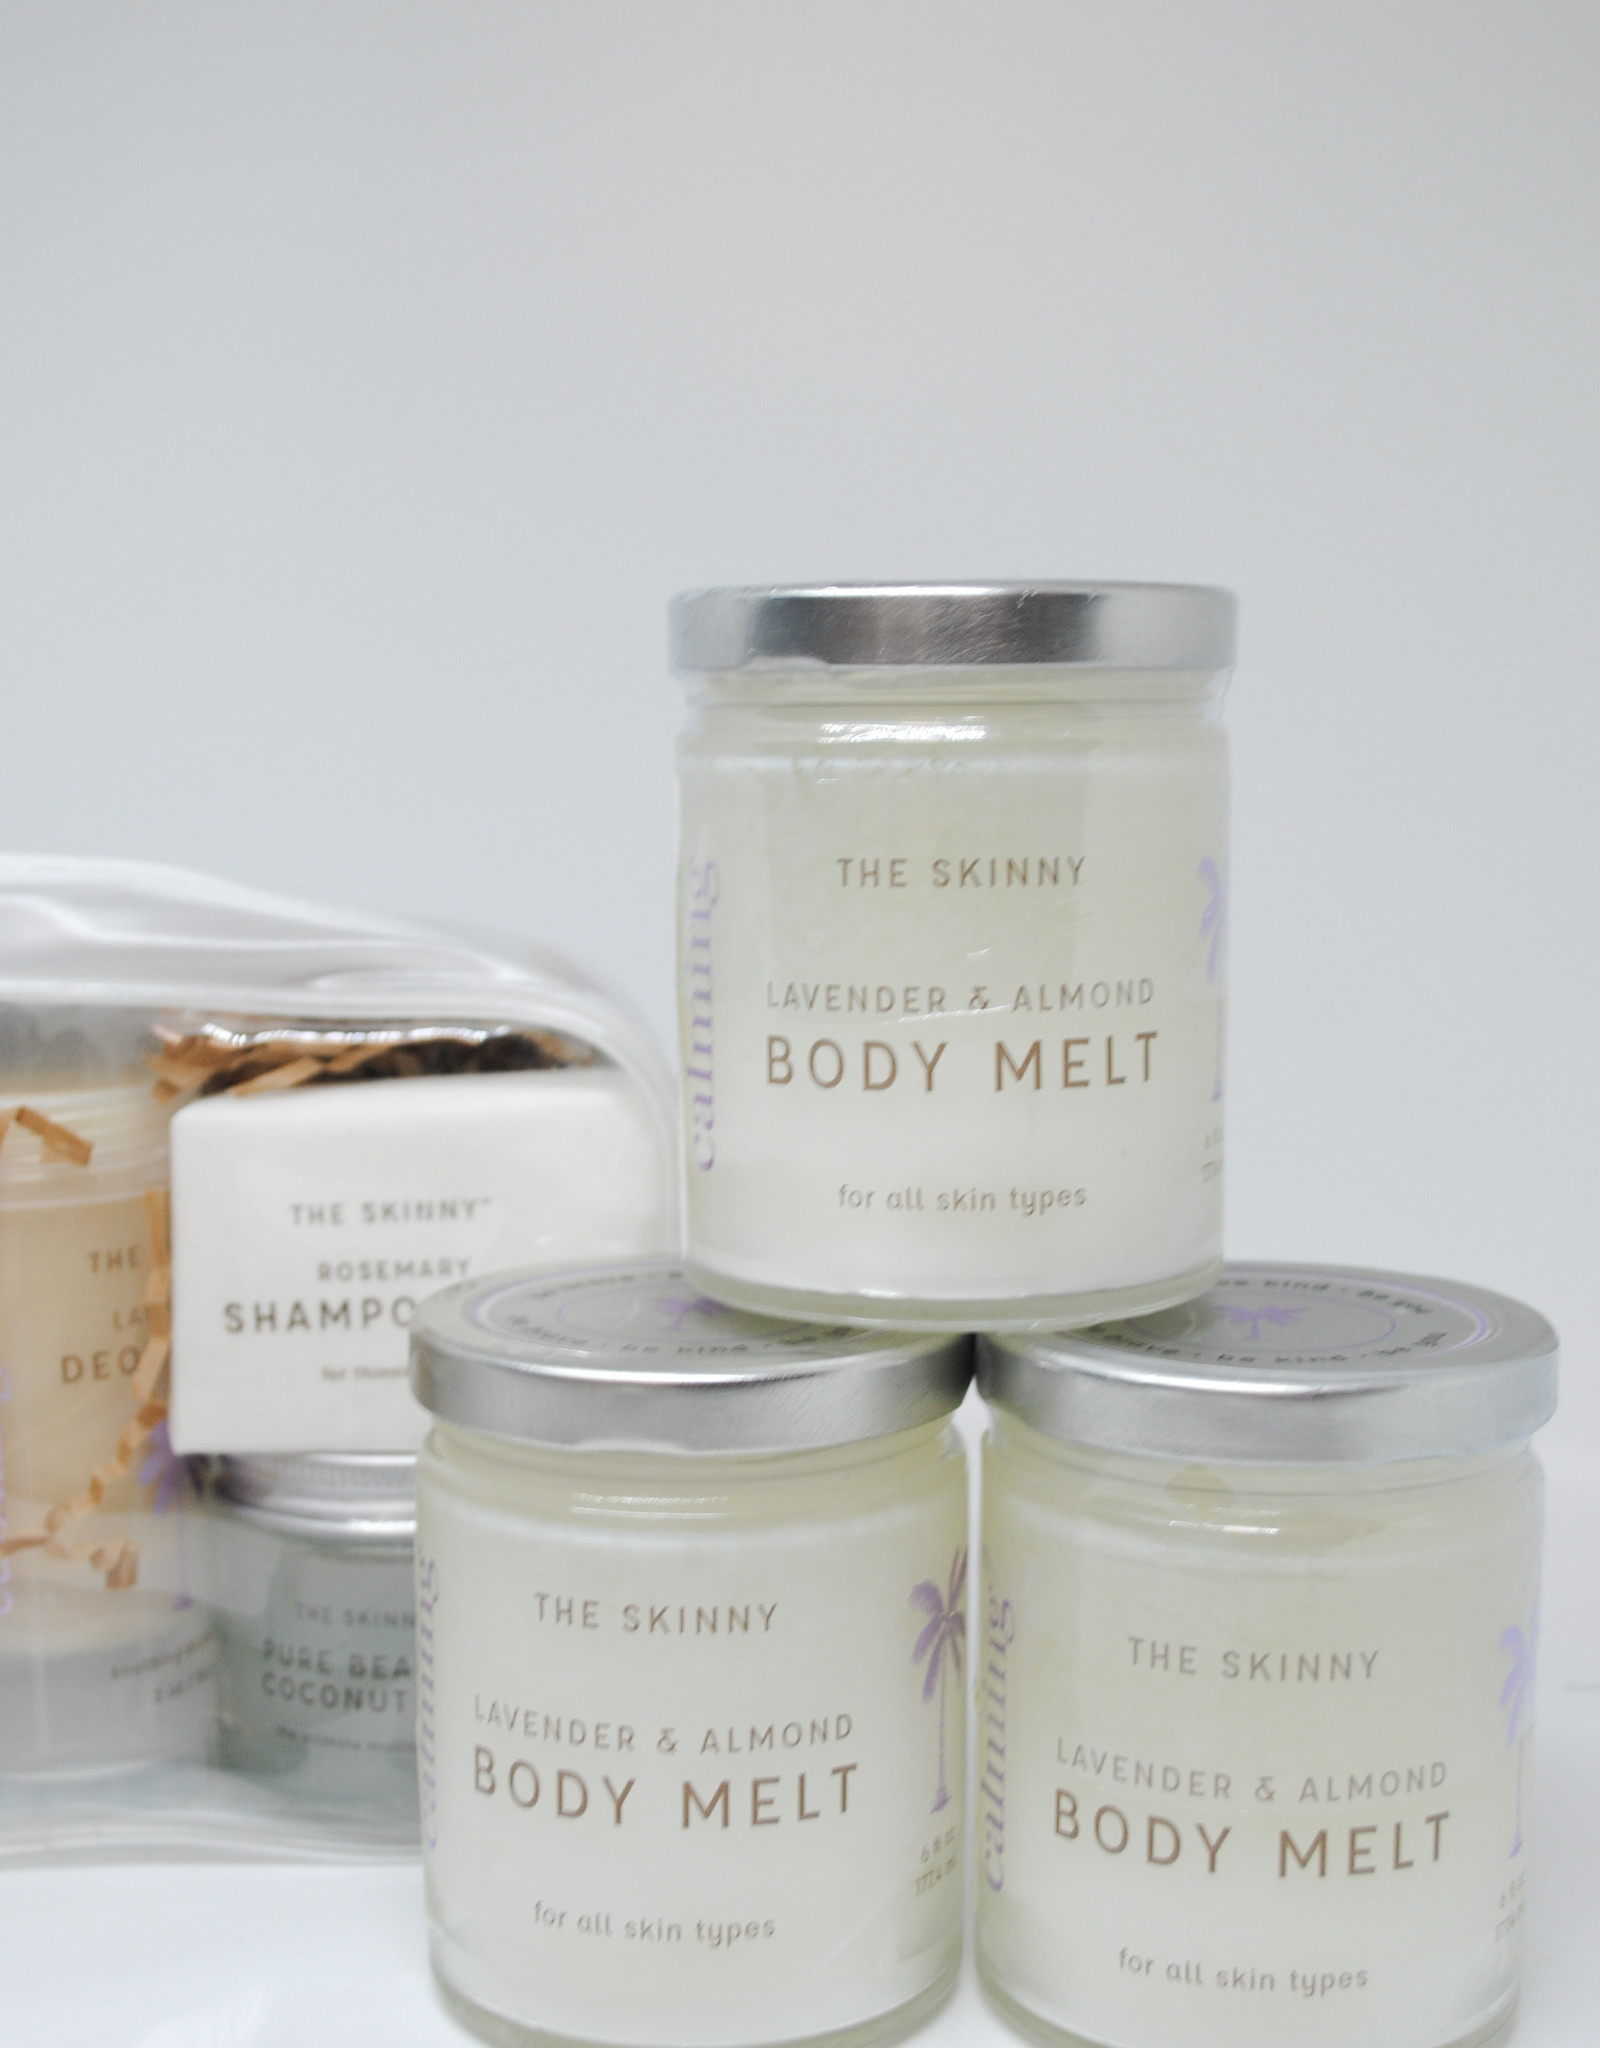 Skinny & Co Skinny Body Melt